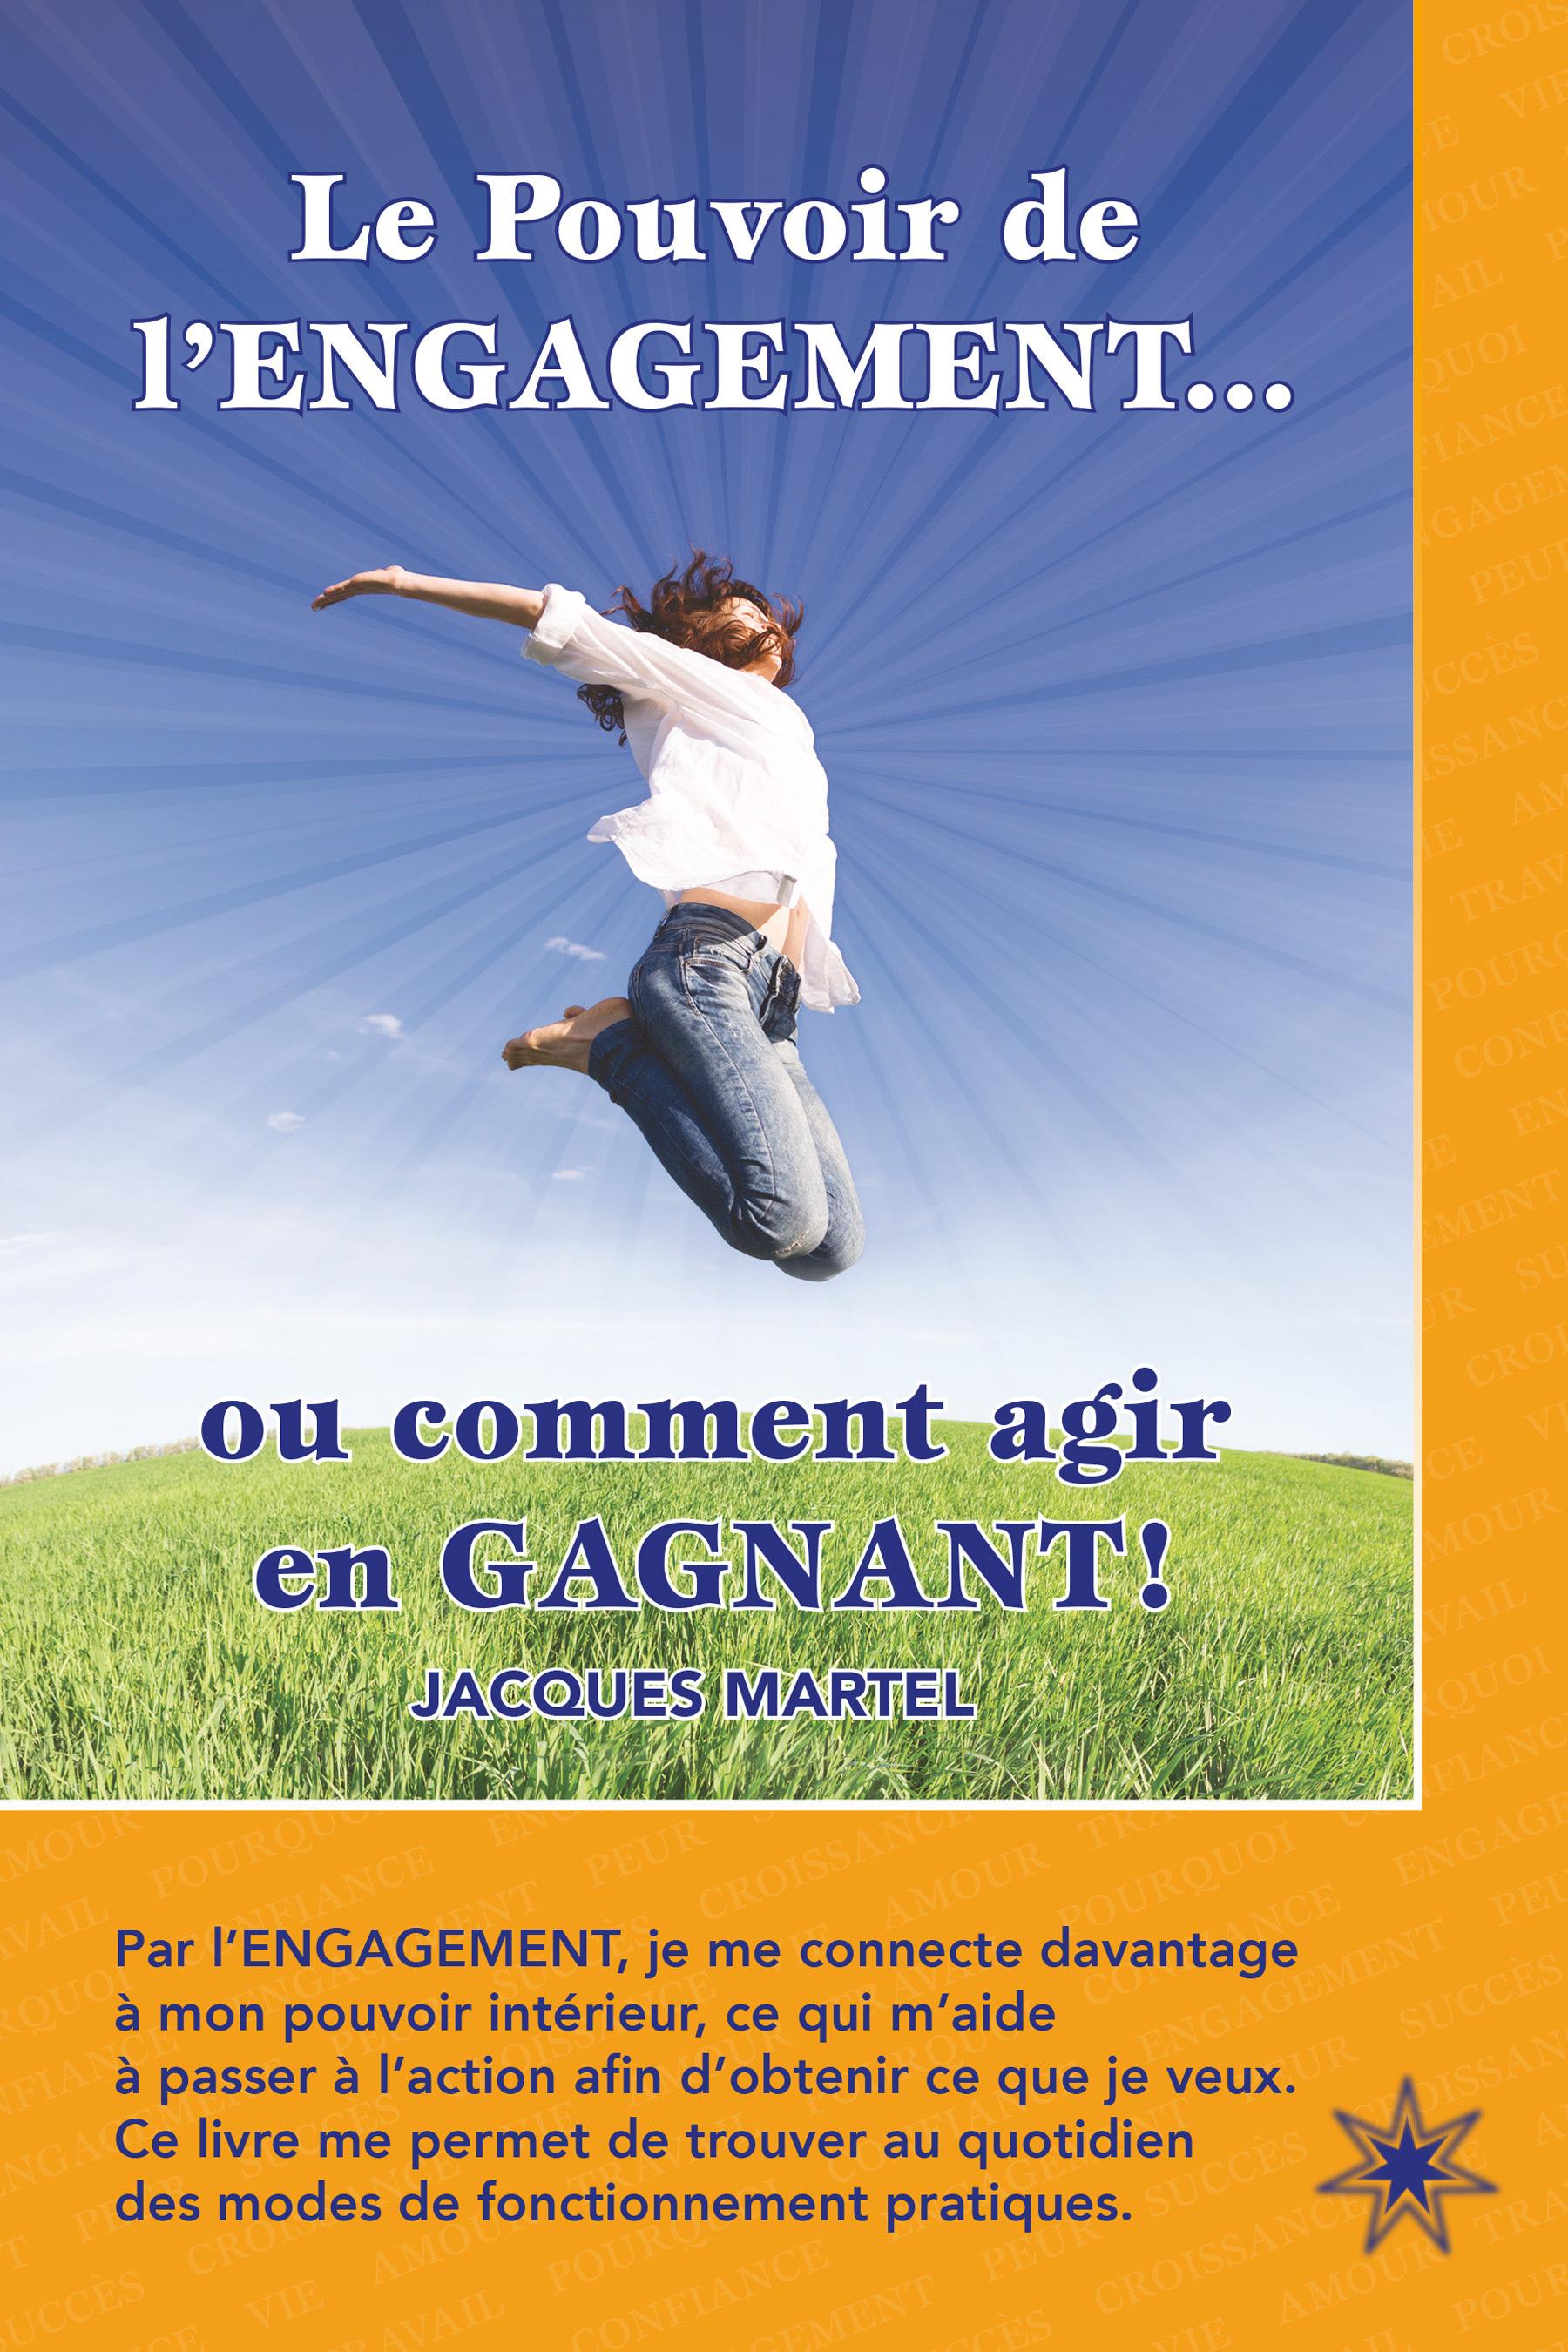 LE POUVOIR DE L'ENGAGEMENT... OU COMMENT AGIR EN GAGNANT !